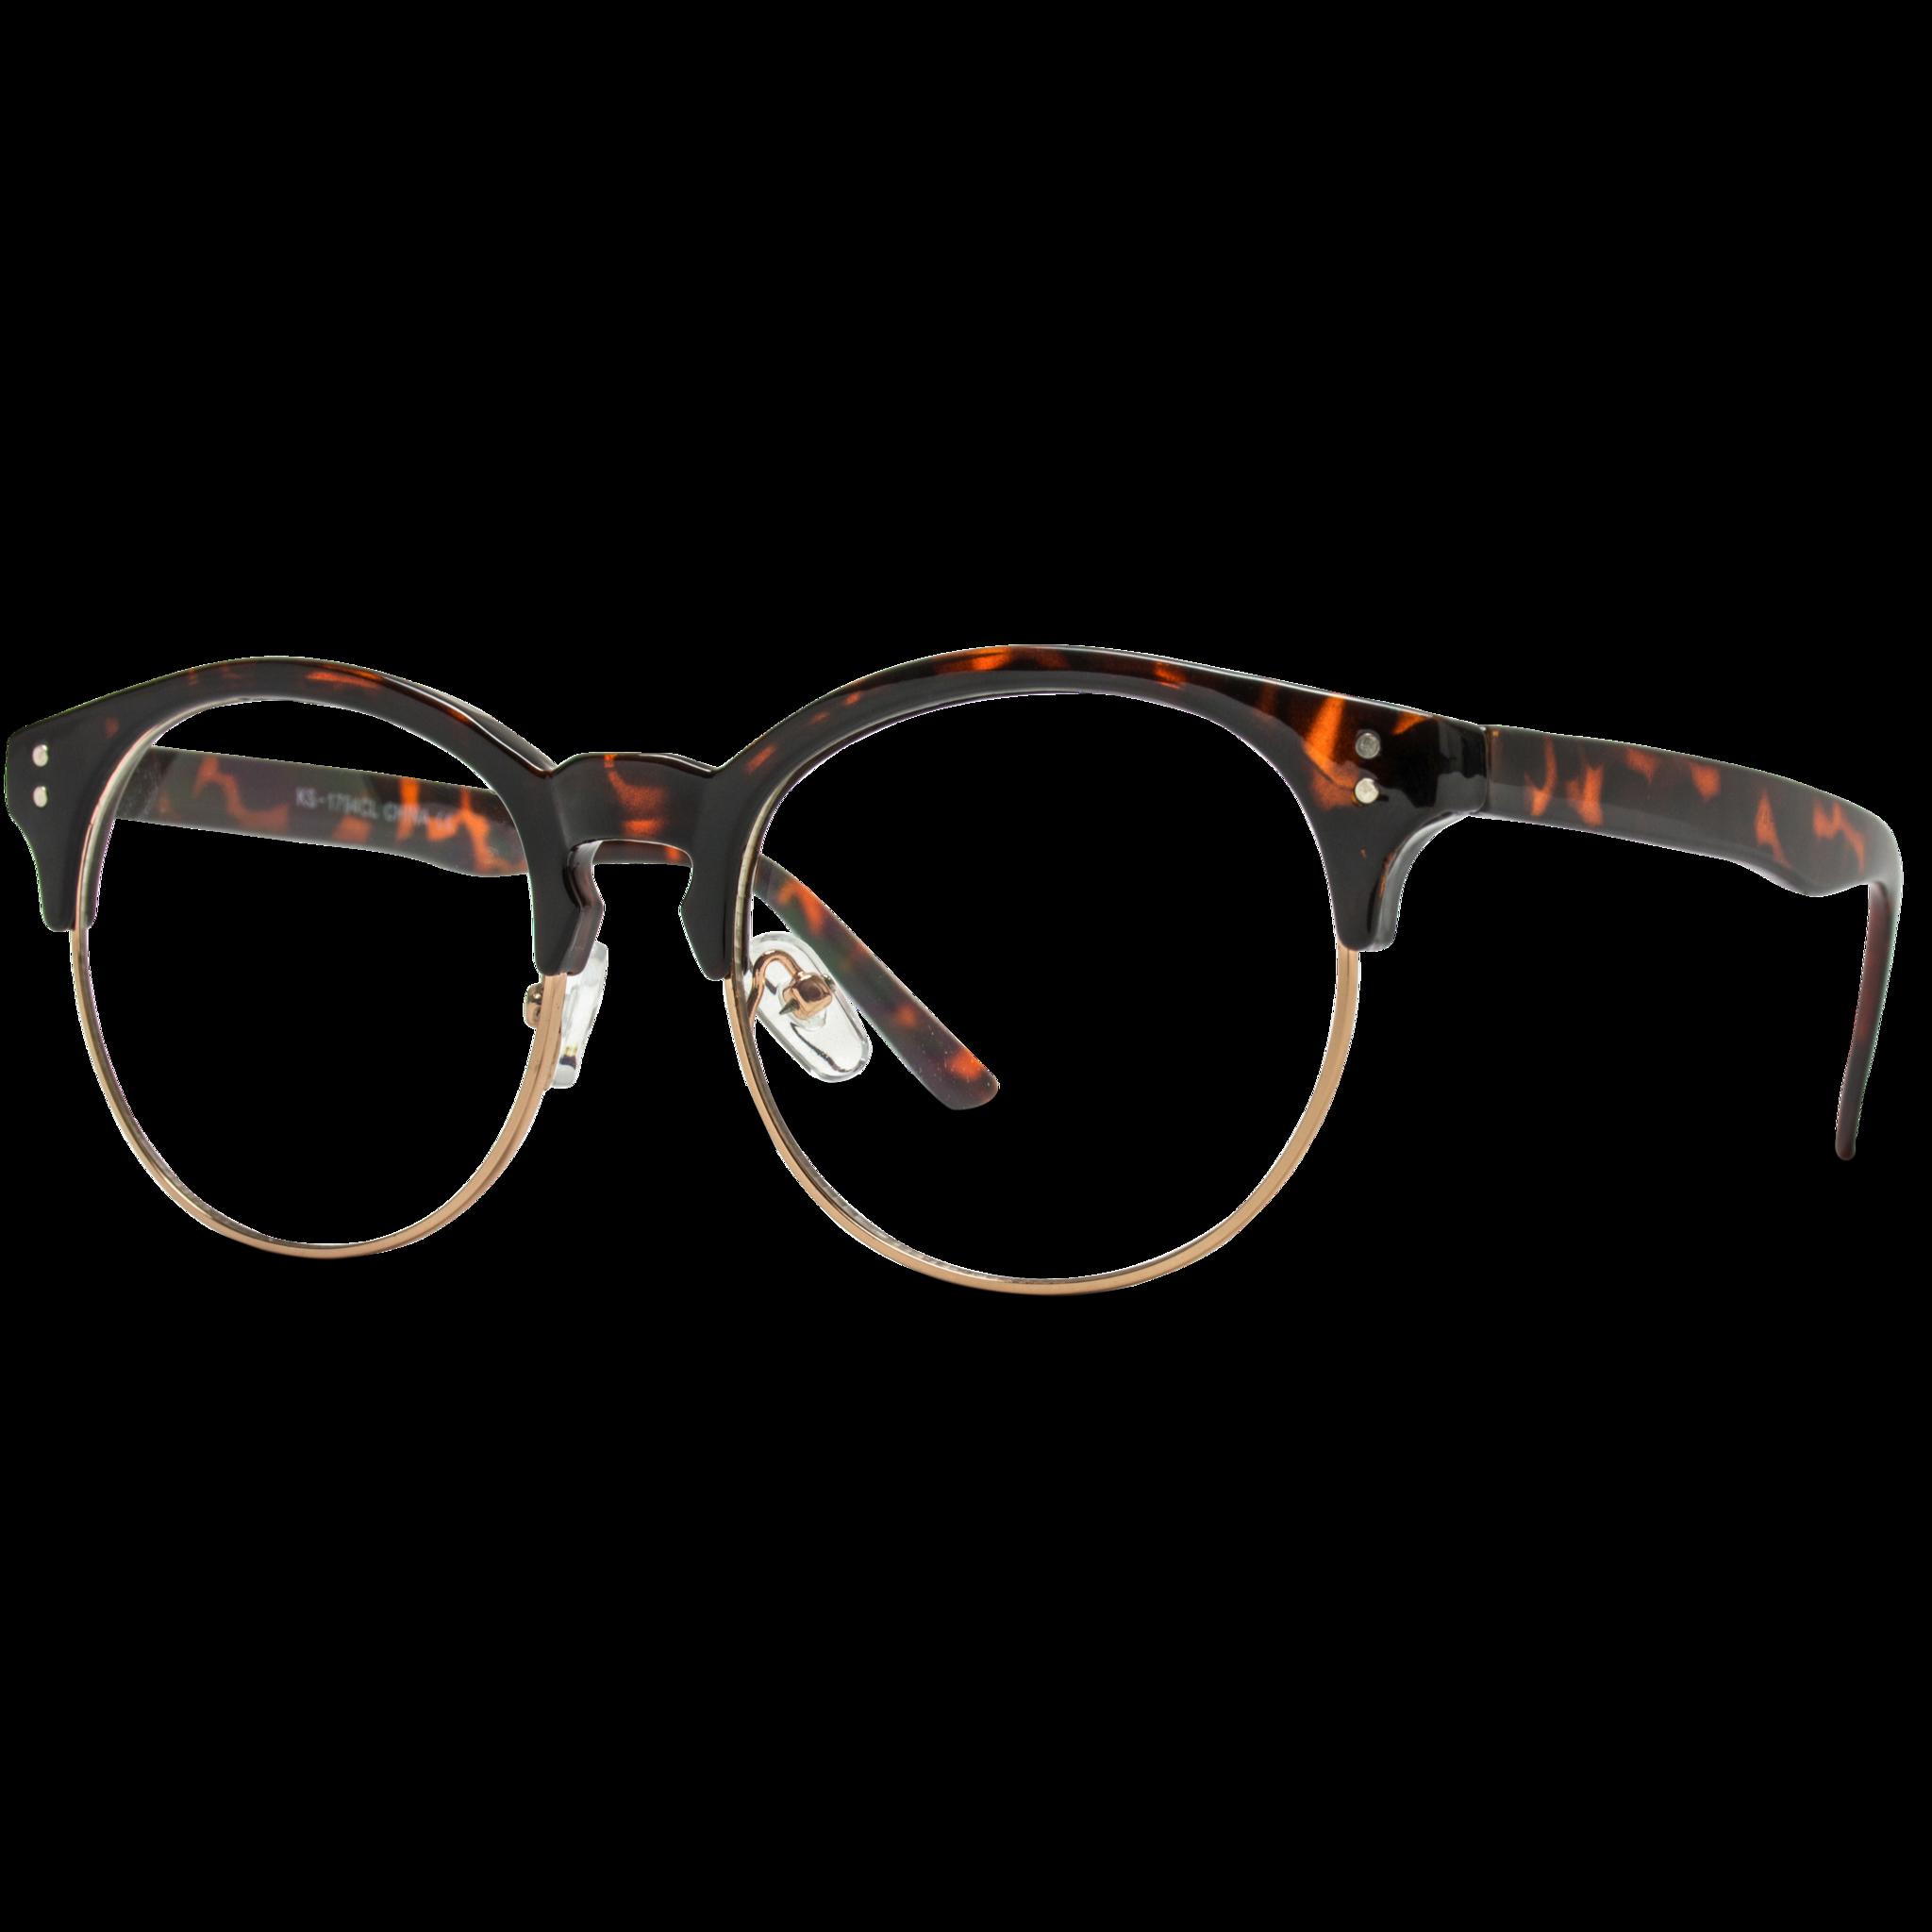 0763324b44e Winter - Clear Semi-Rimless Round Retro Non Prescription Glasses. A  semi-rimless frame that has retro and modern touches. The Winter has a  classic round ...